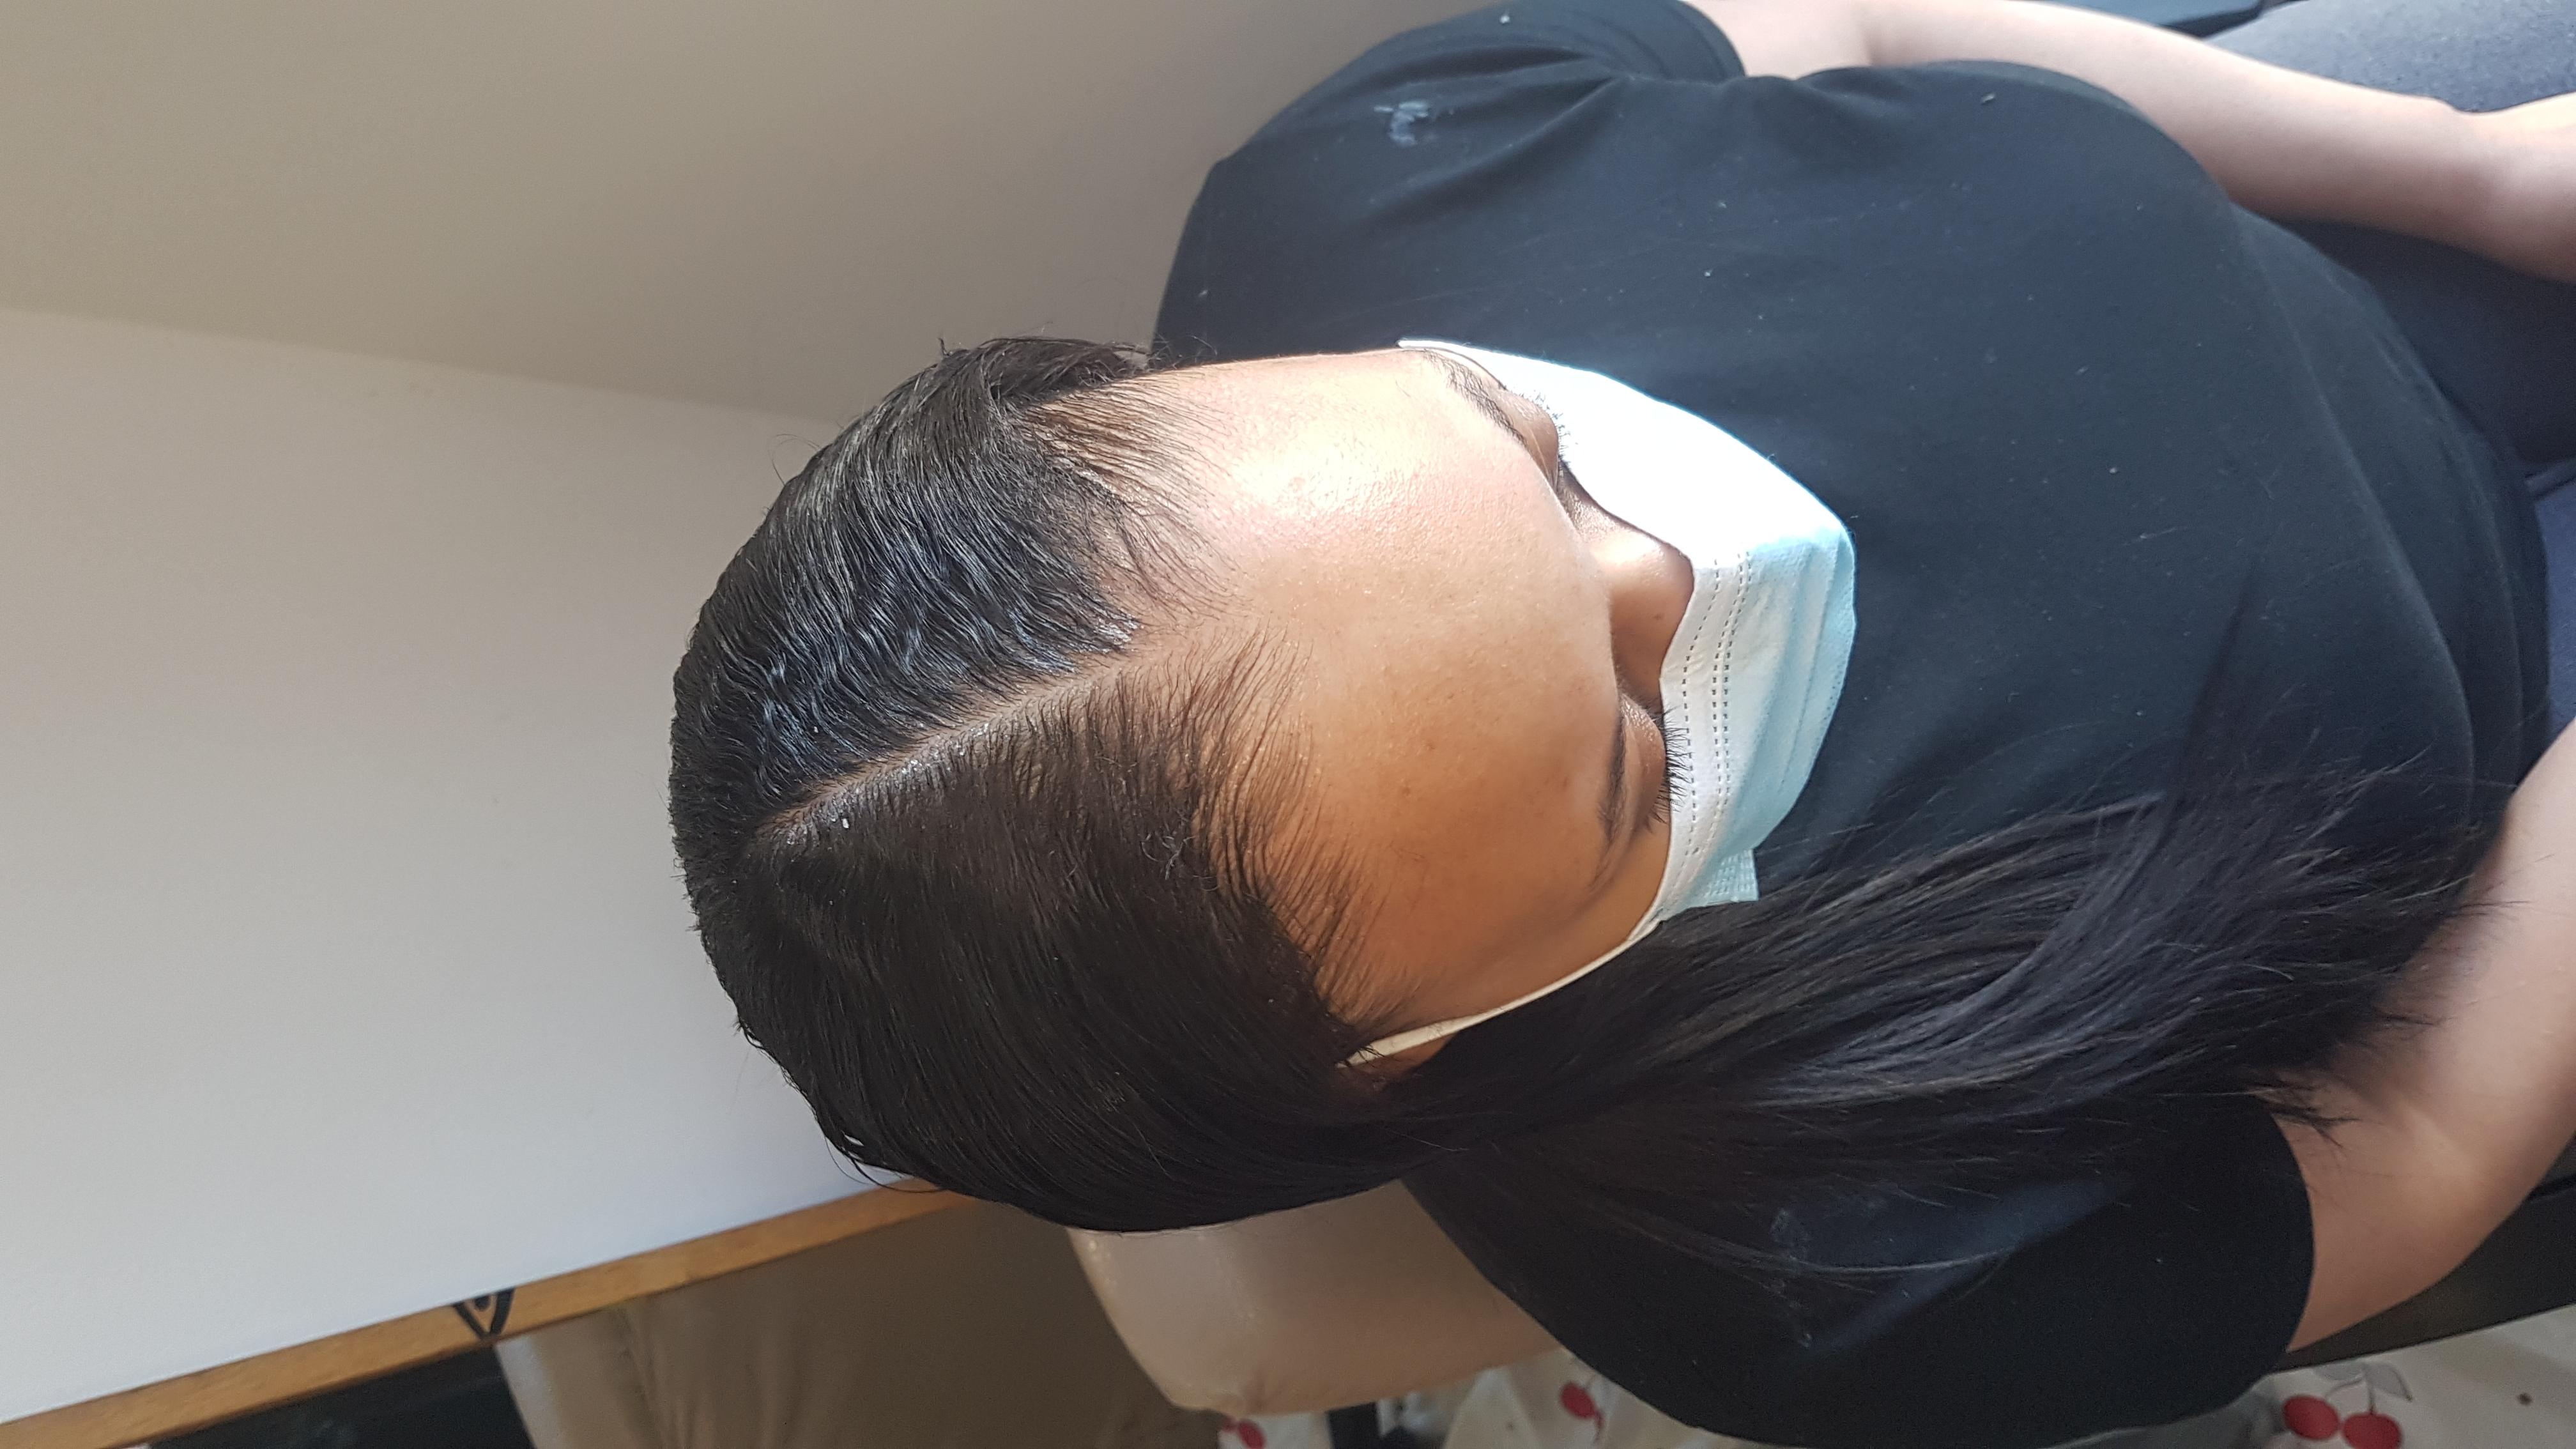 salon de coiffure afro tresse tresses box braids crochet braids vanilles tissages paris 75 77 78 91 92 93 94 95 YIXXTSMJ